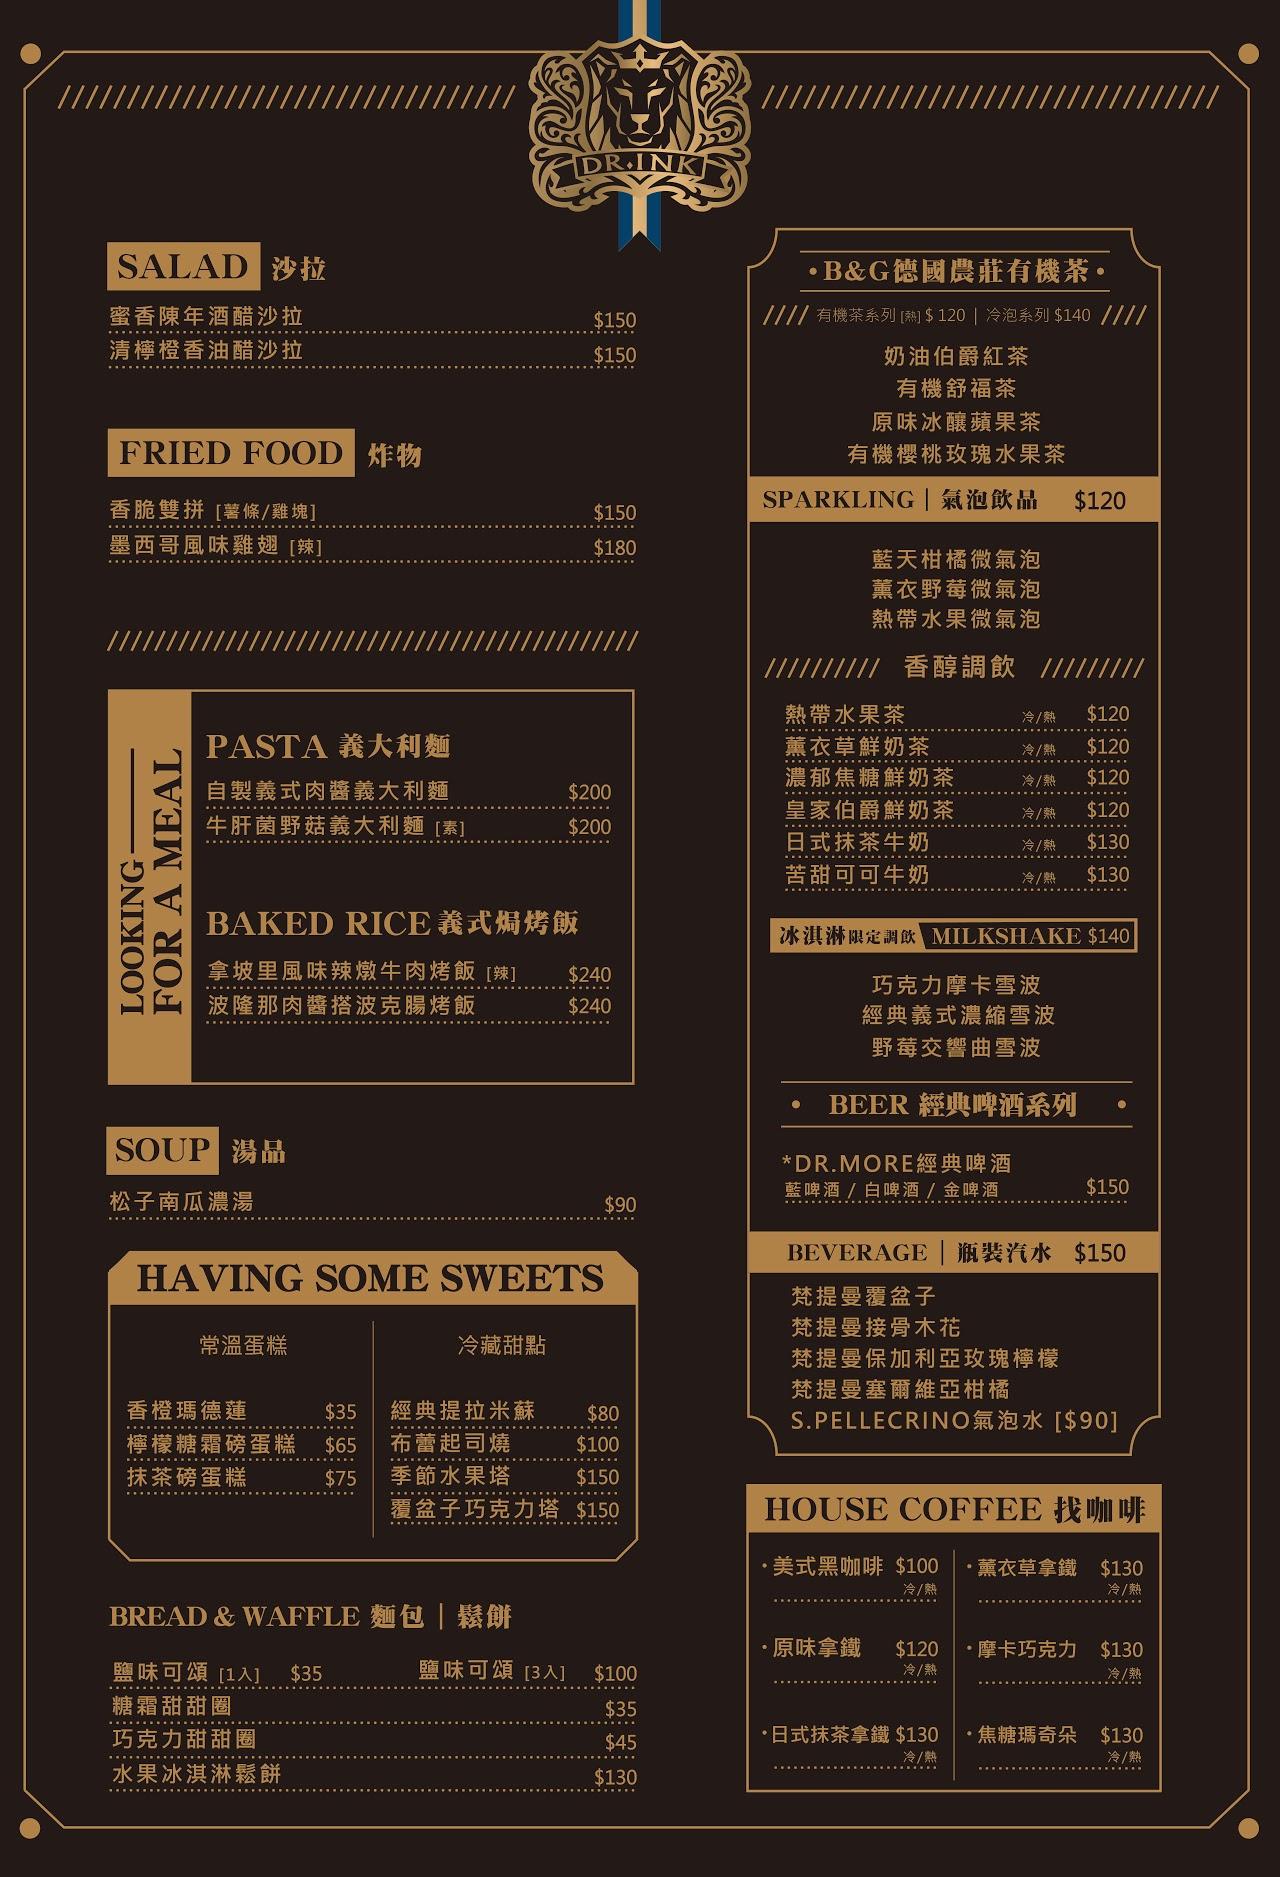 翠墨莊園餐飲 菜單